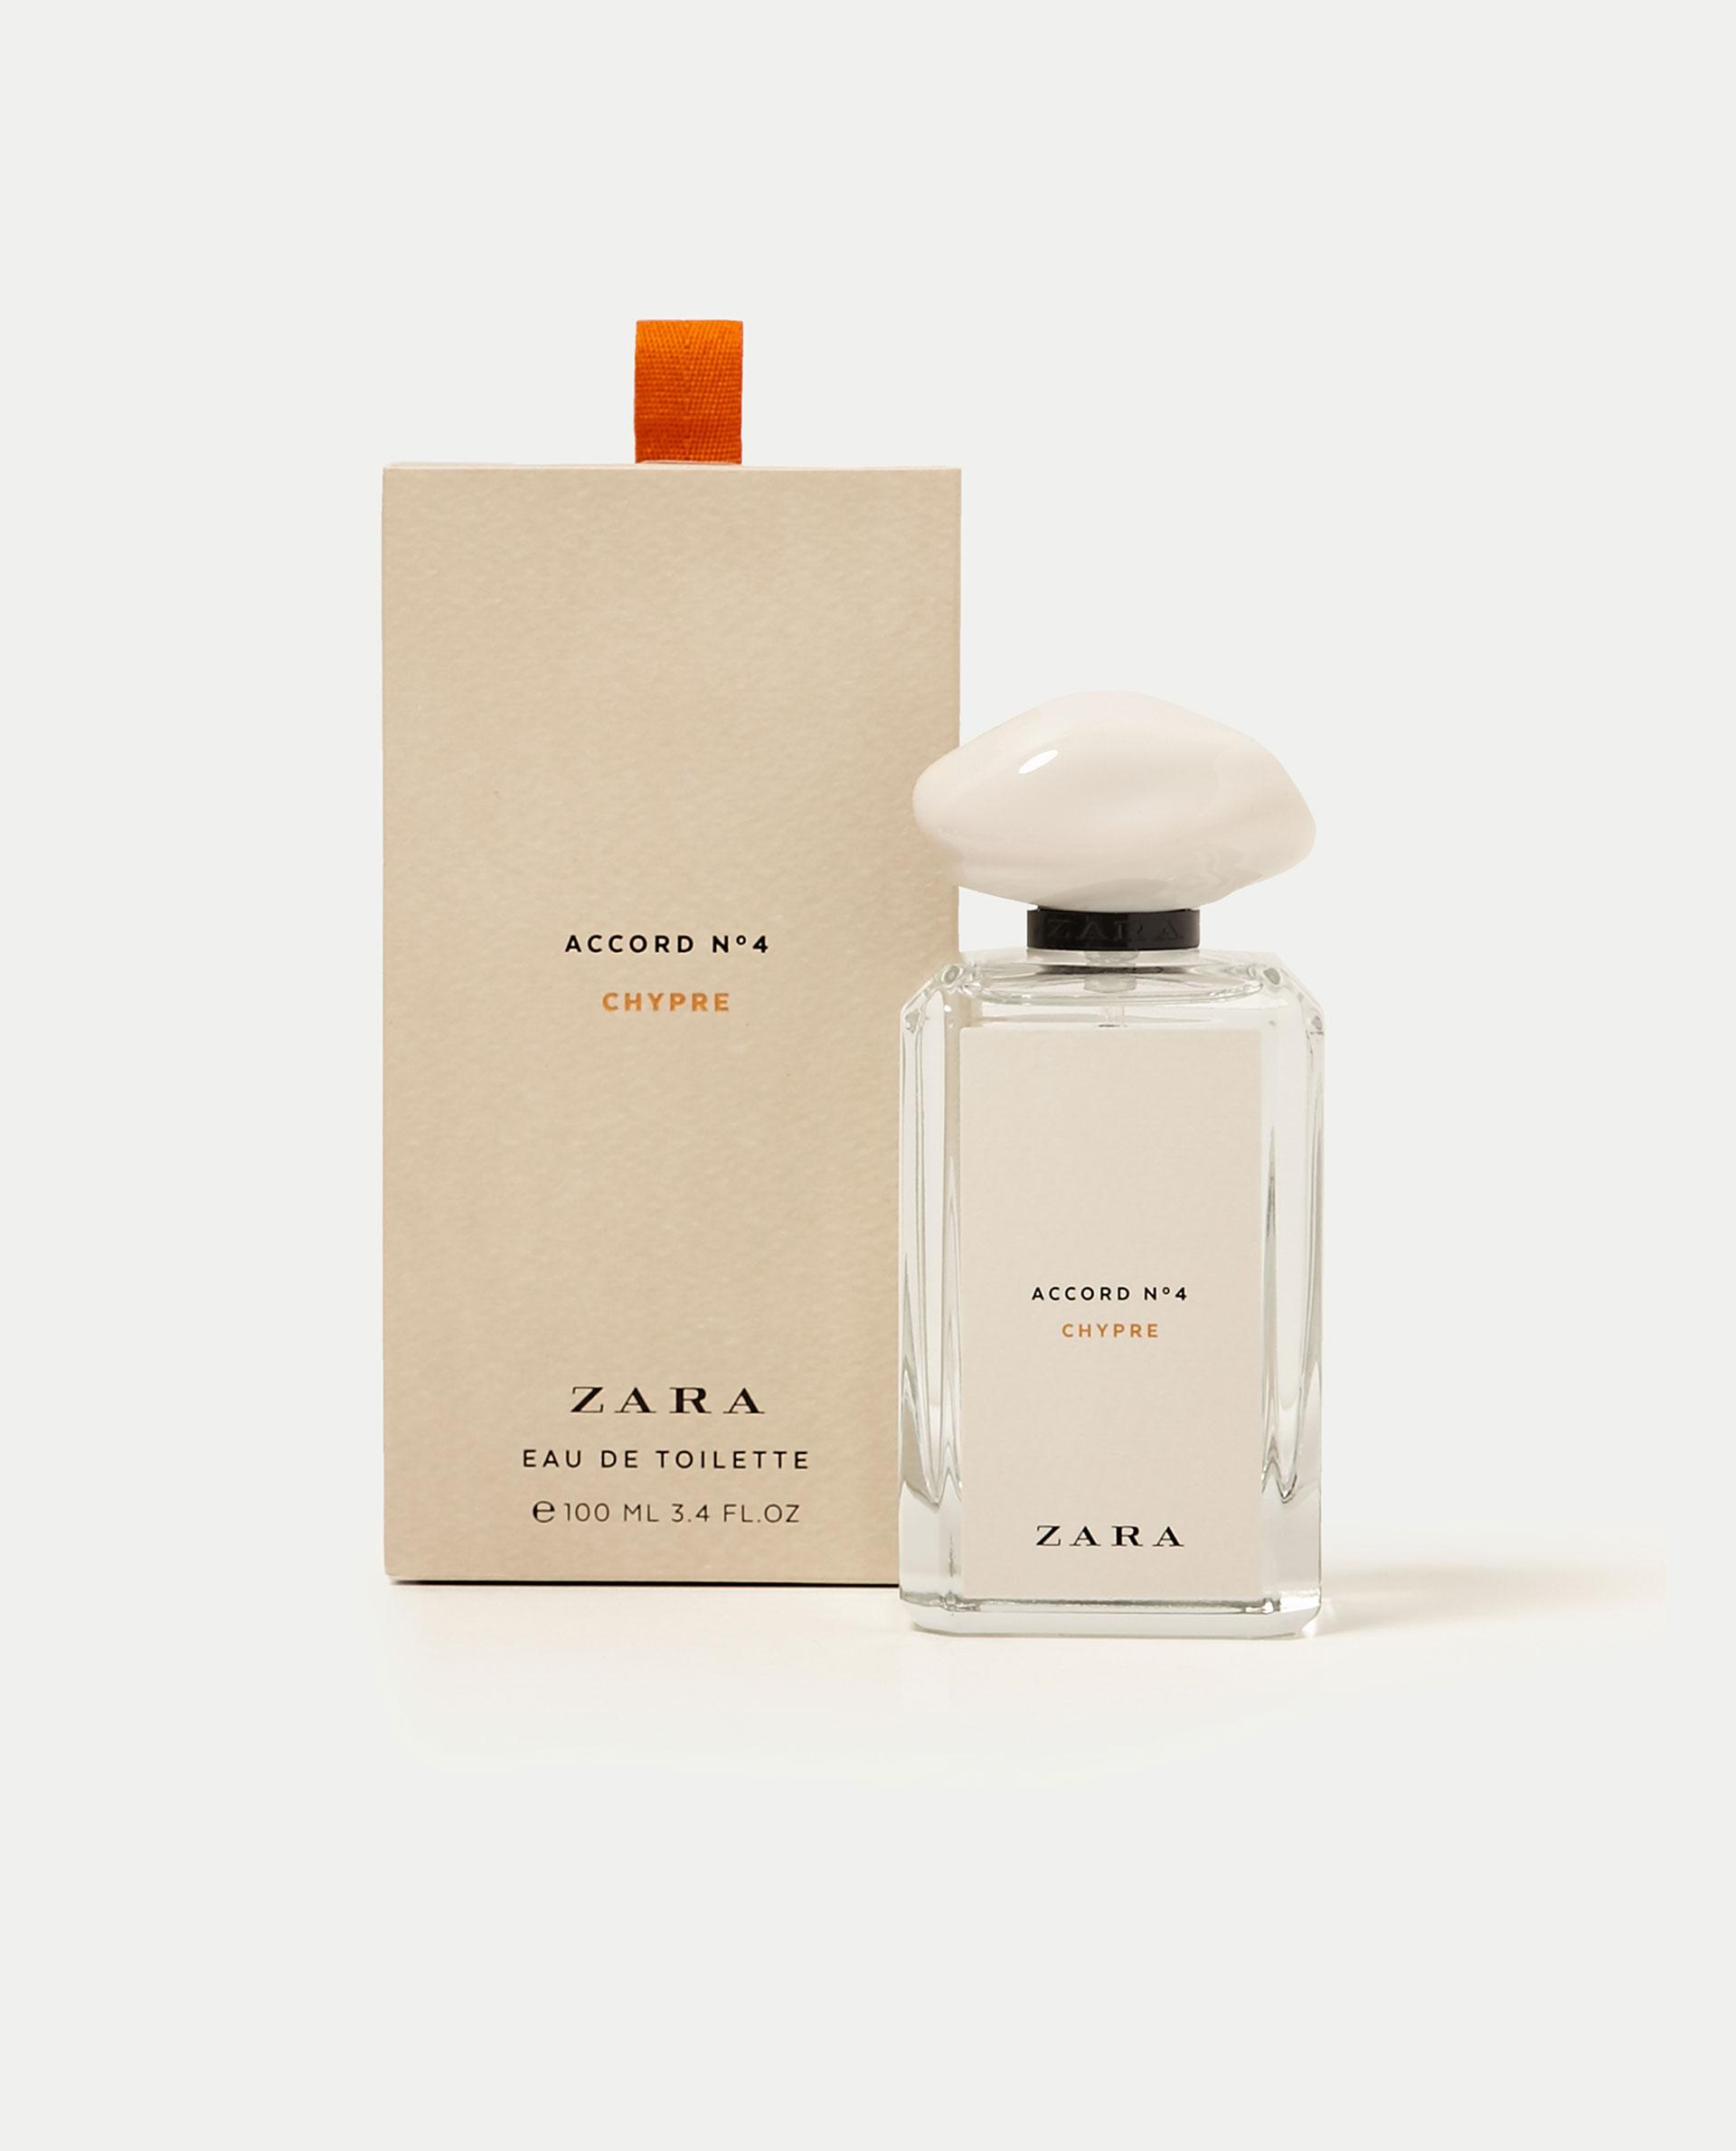 accord no 4 chypre zara parfum un nouveau parfum pour femme 2017. Black Bedroom Furniture Sets. Home Design Ideas